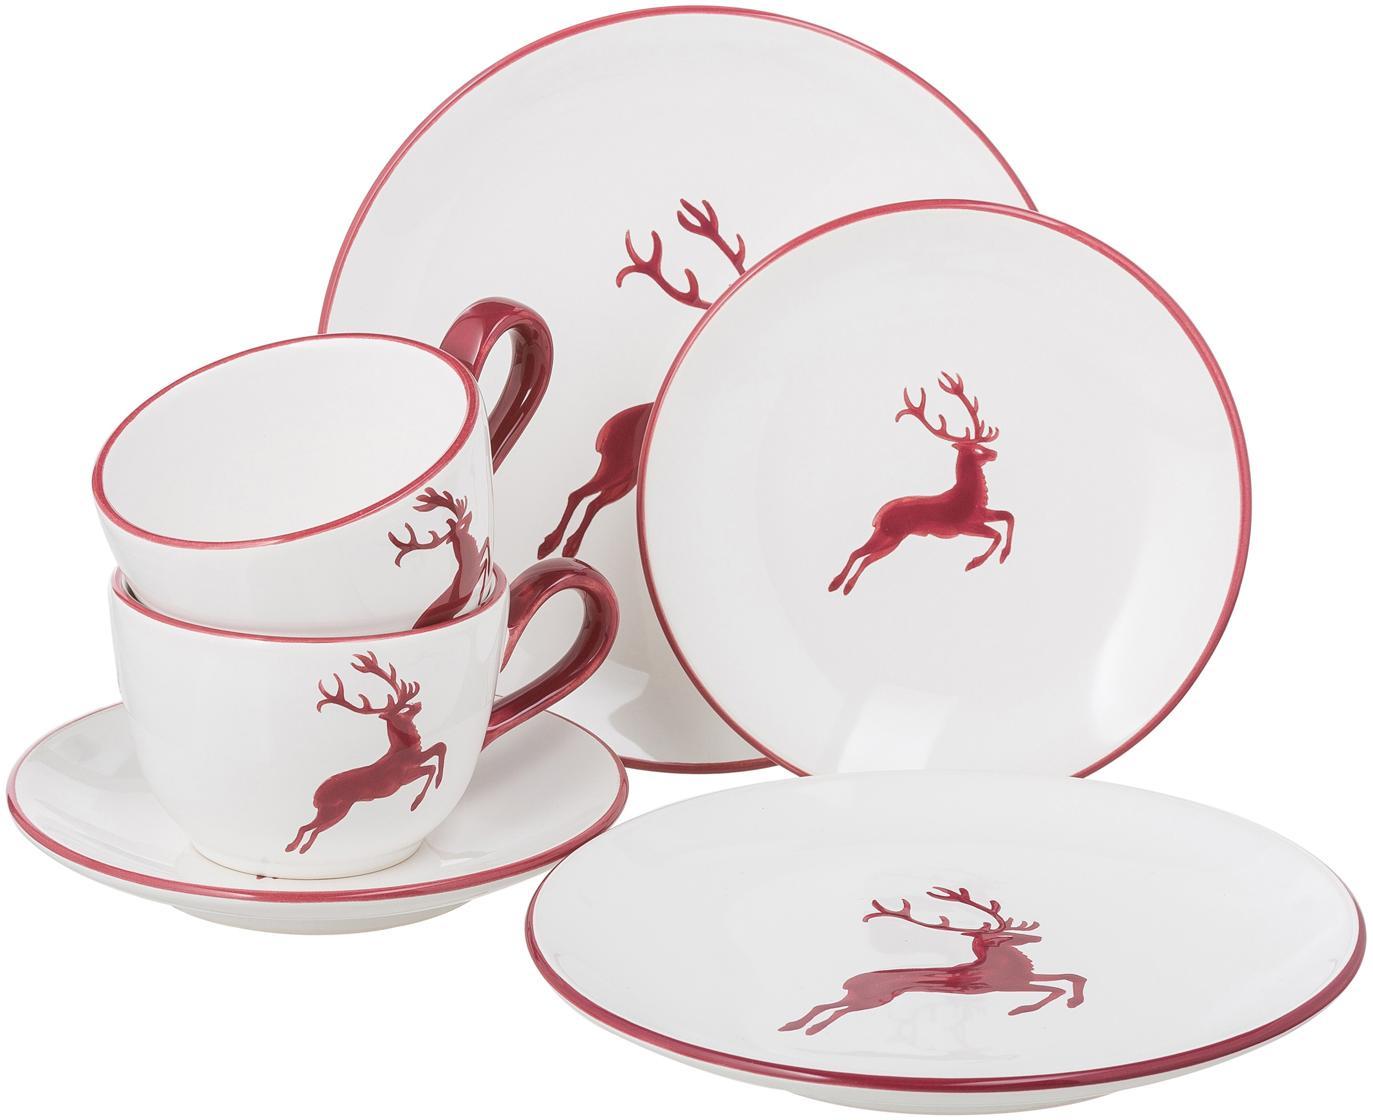 Servizio da caffè dipinto a mano Classic Roter Hirsch 6 pz, Ceramica, Bordeaux, bianco, Set in varie misure